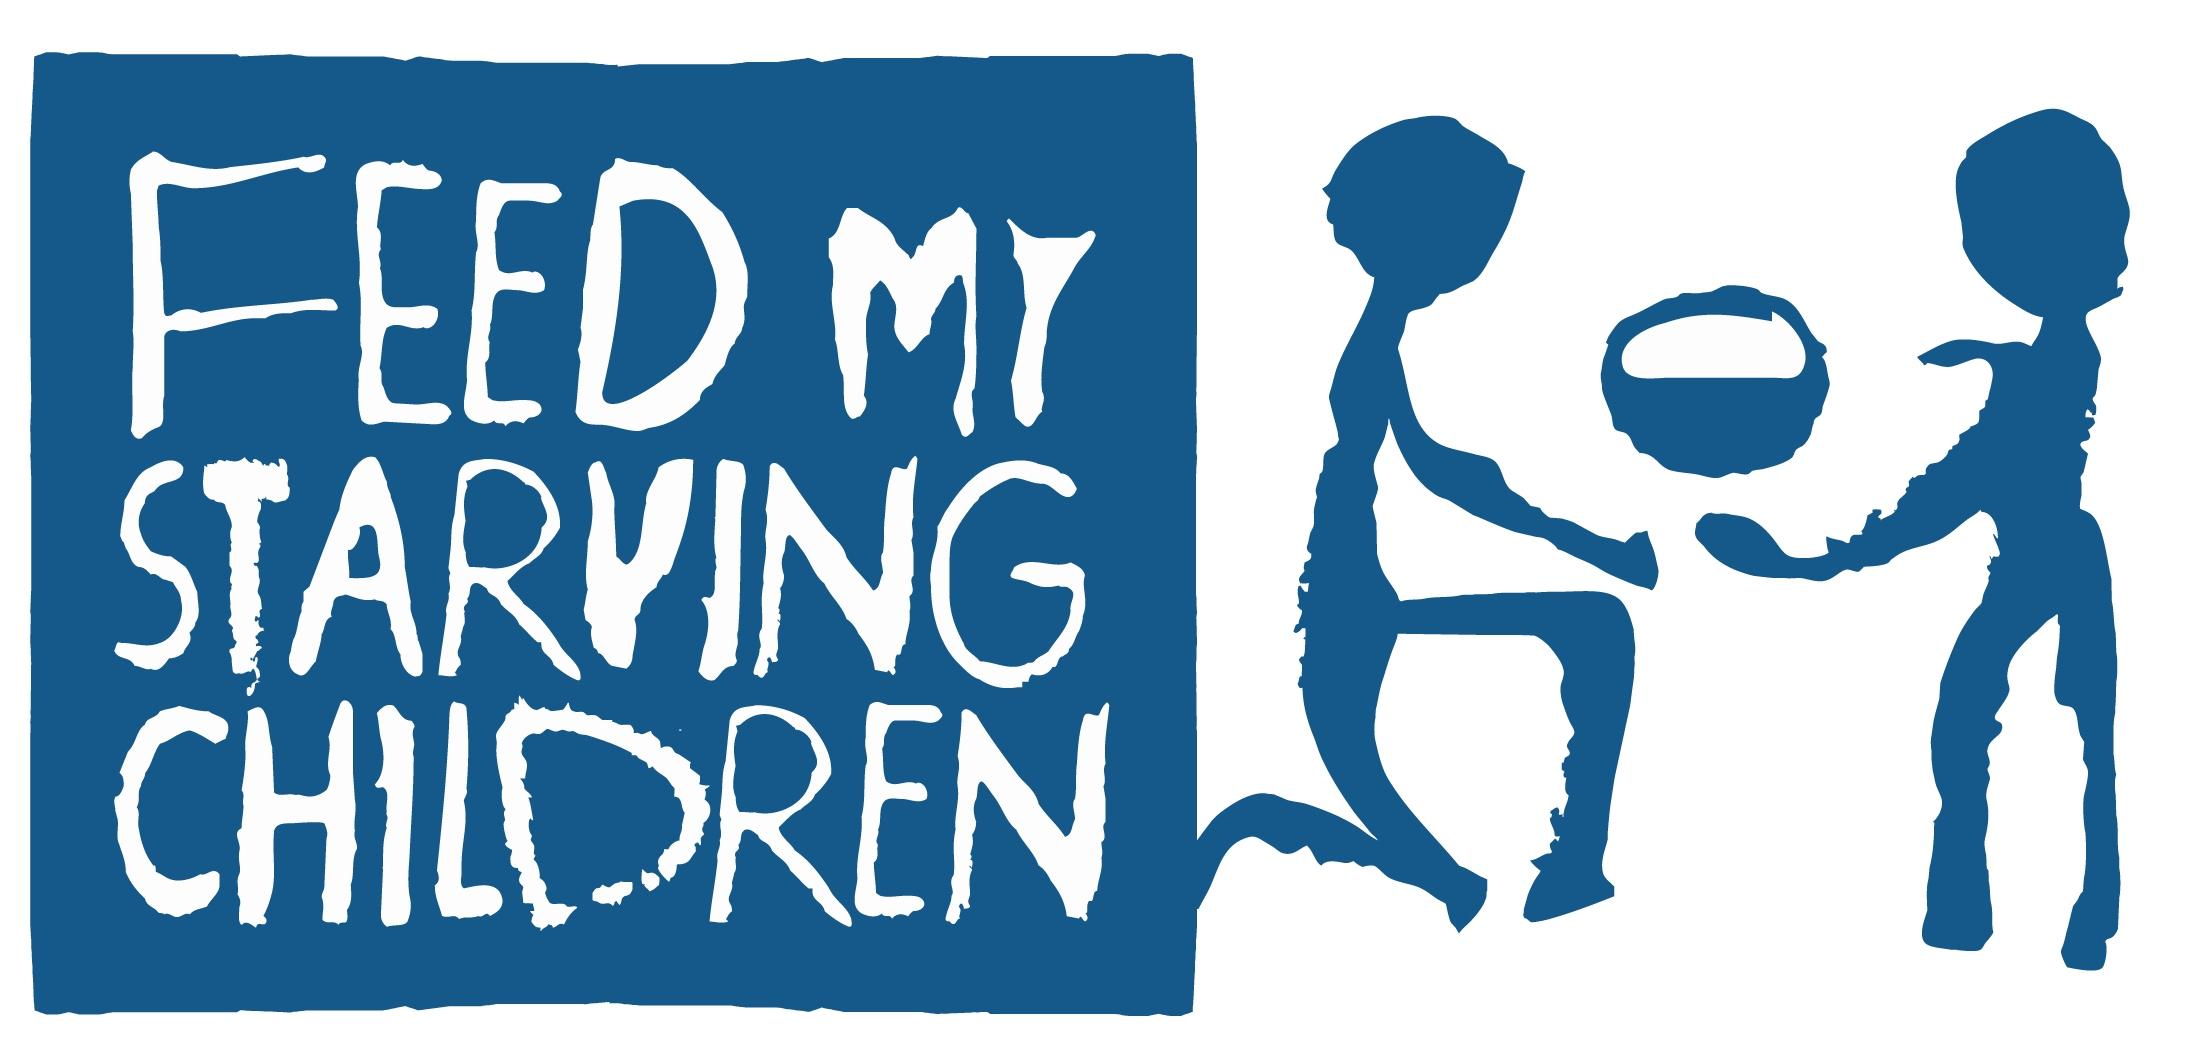 1390601833000-Feed-My-Starving-Children_1162424_ver1.0.jpg